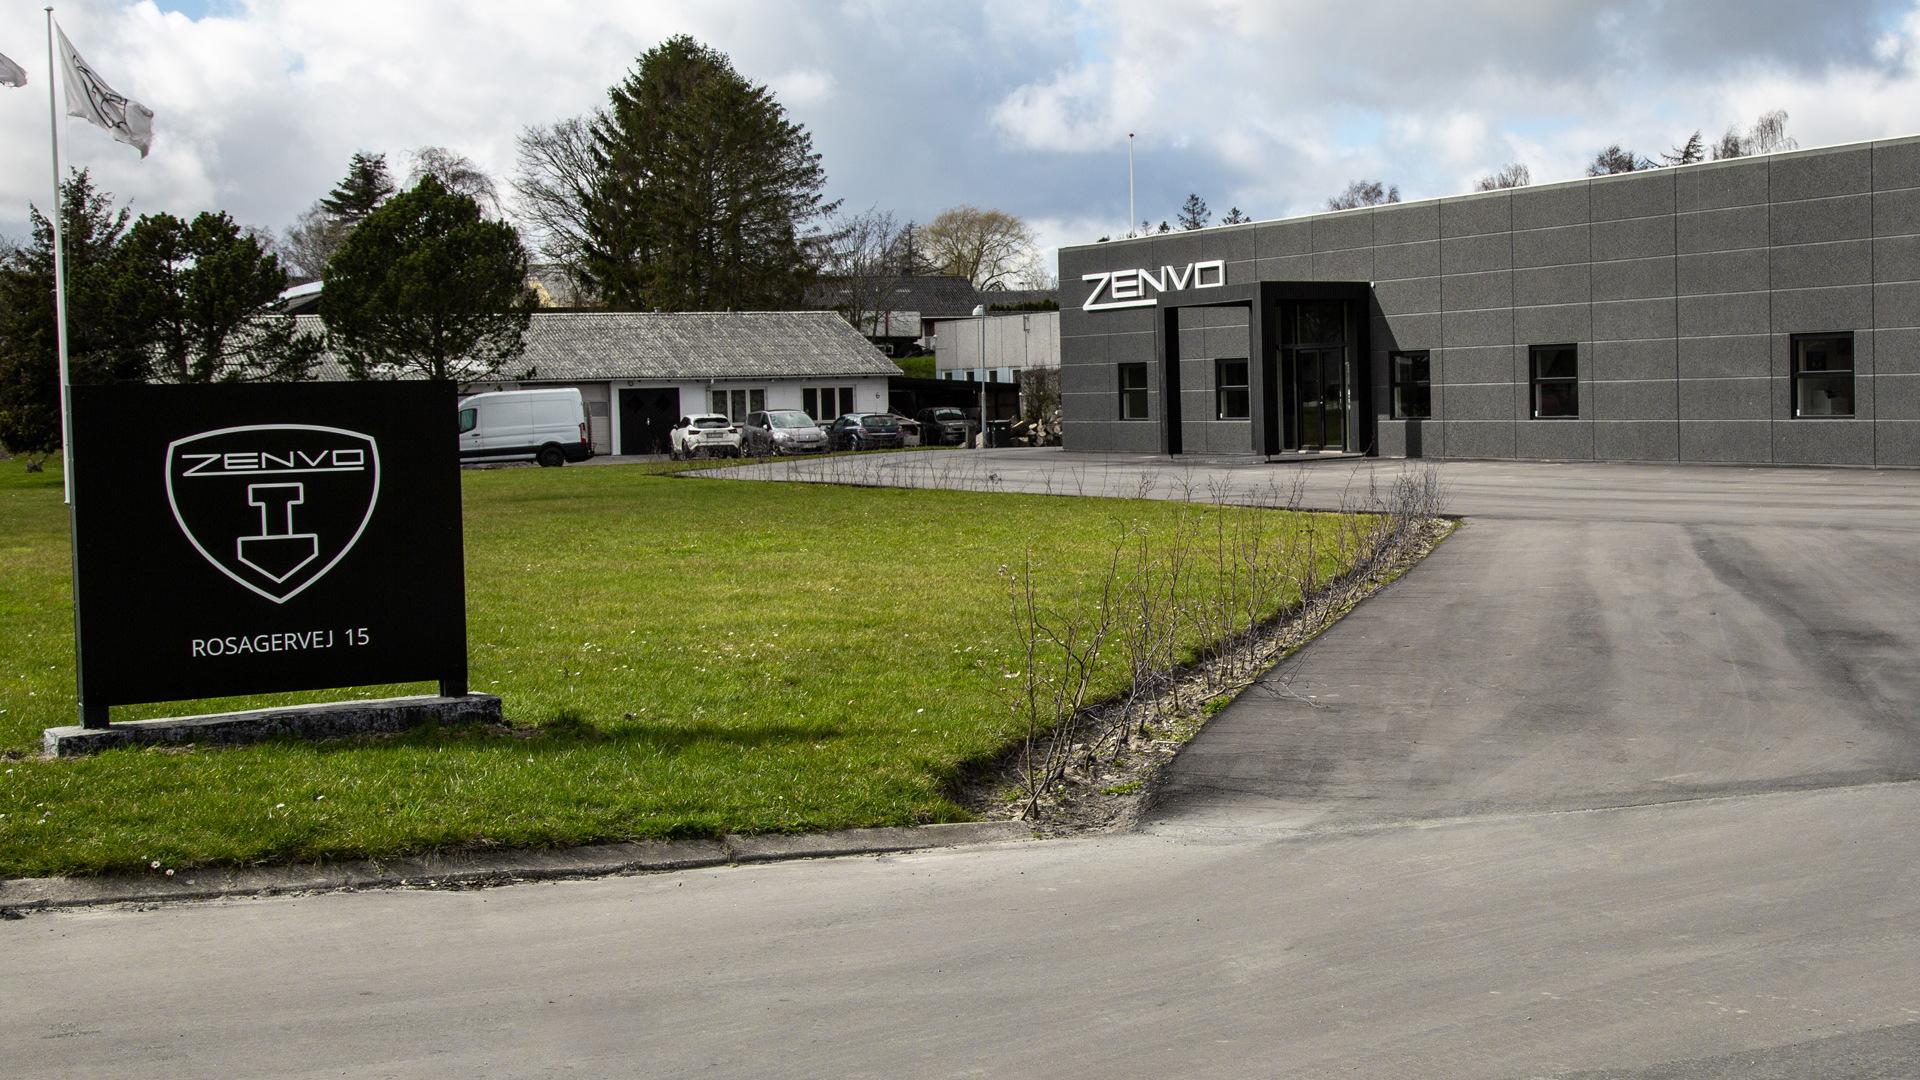 Zenvo headquarters in Præstø, Denmark